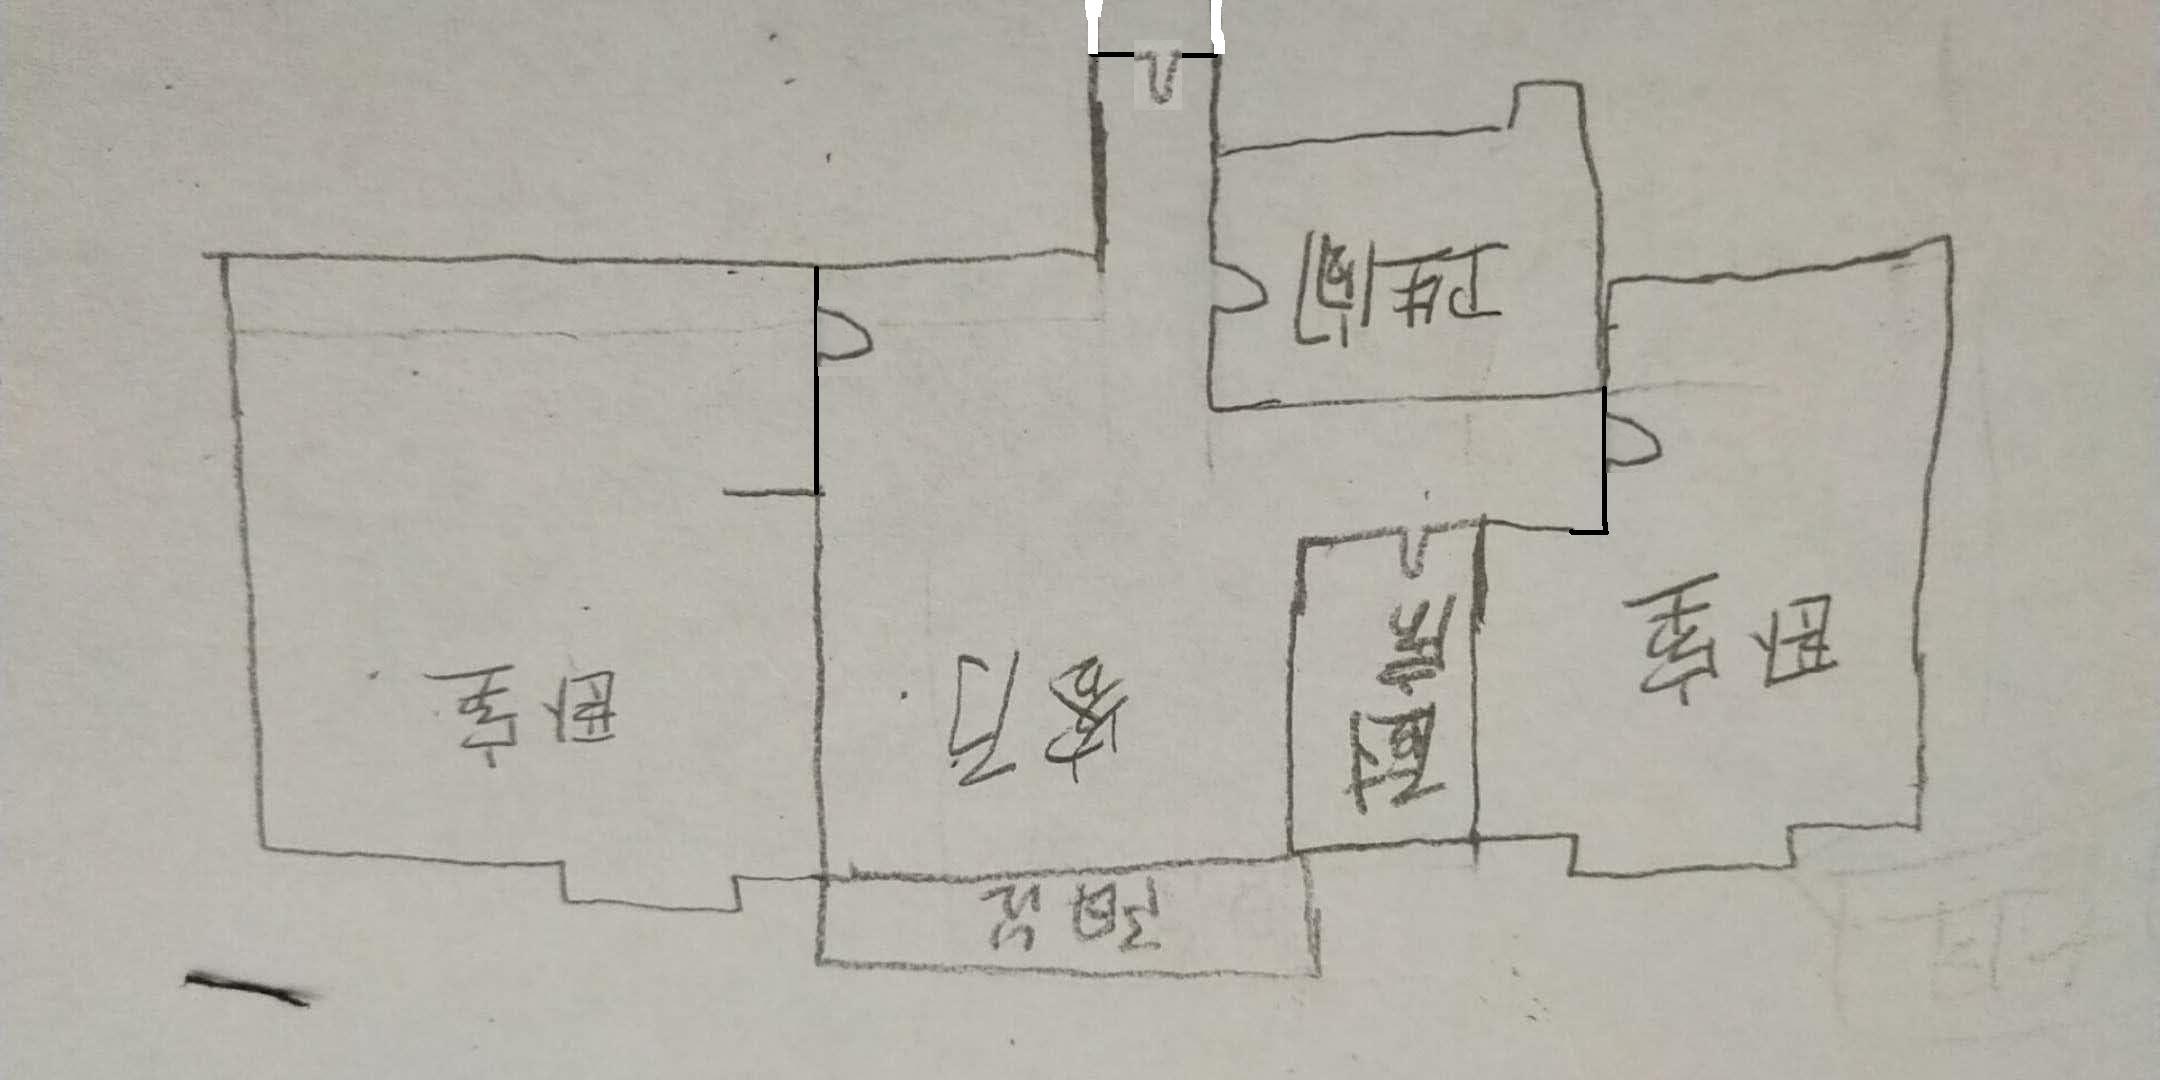 巴塞小镇 2室2厅 9楼